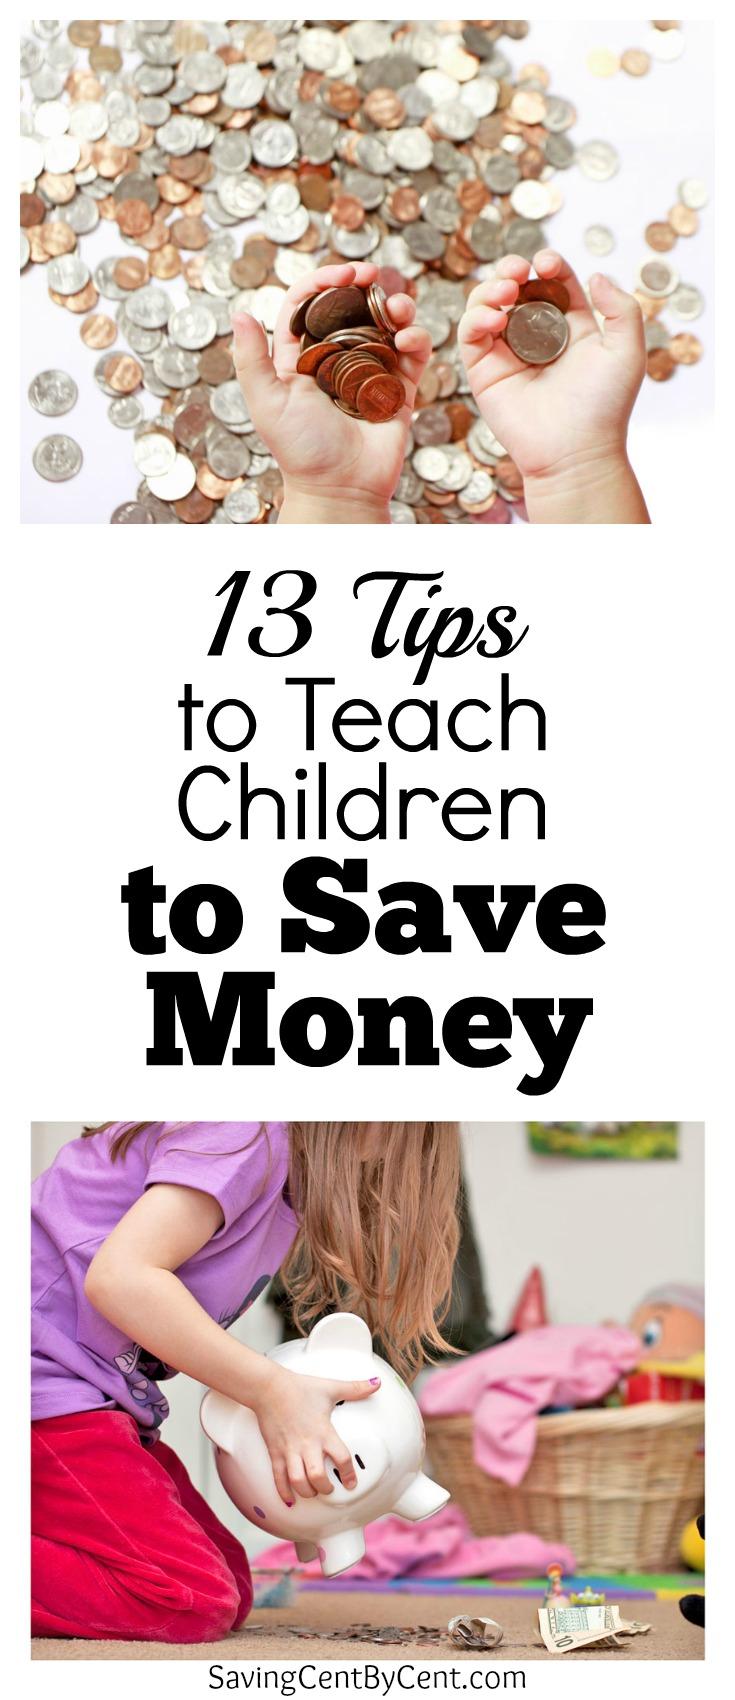 Teach Children to Save Money